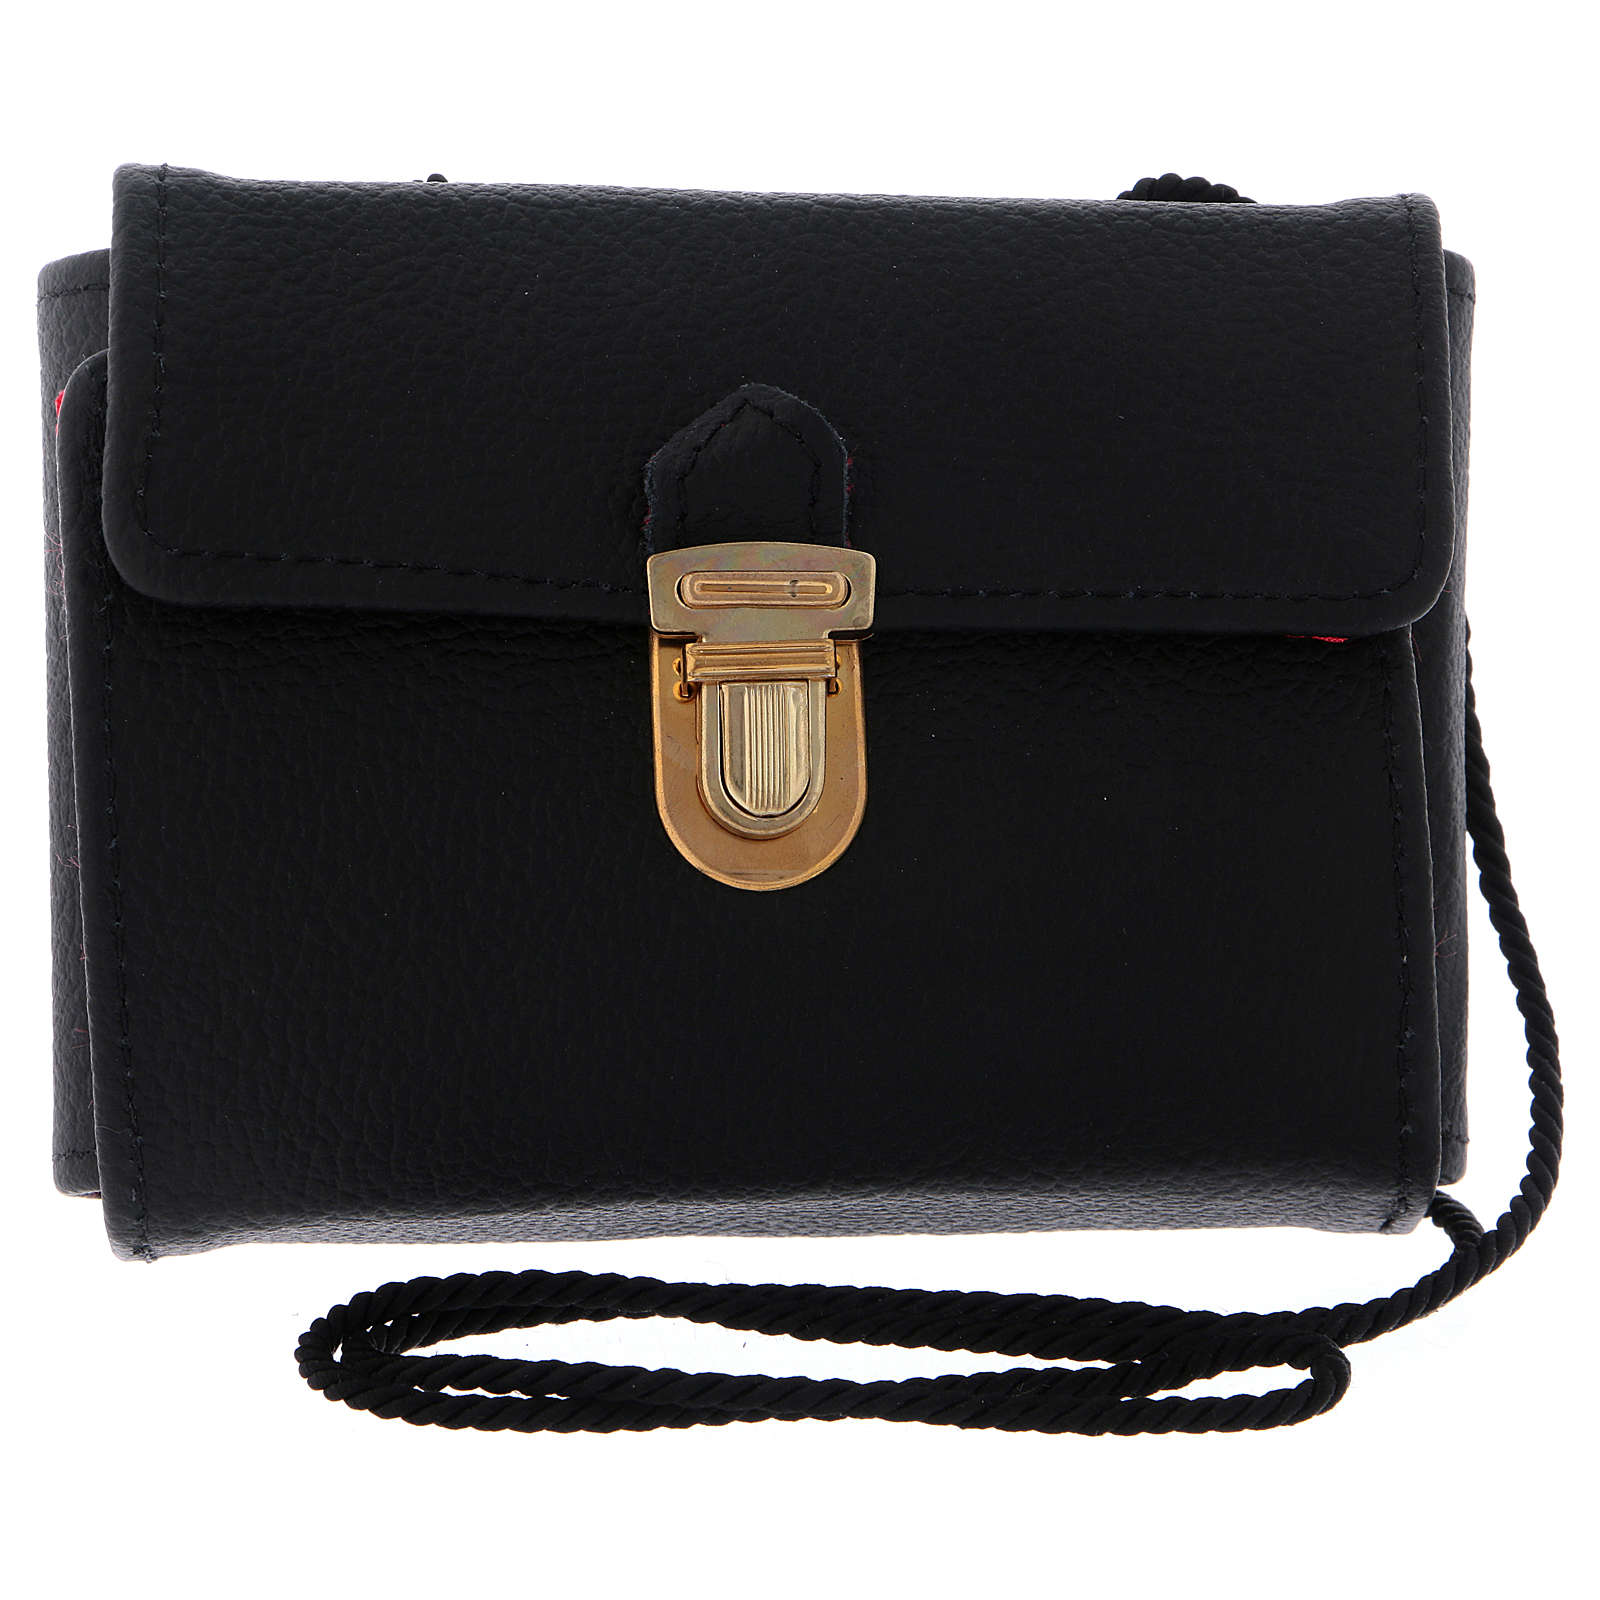 Bolsa tiracolo para celebração couro natural preto com fecho 3